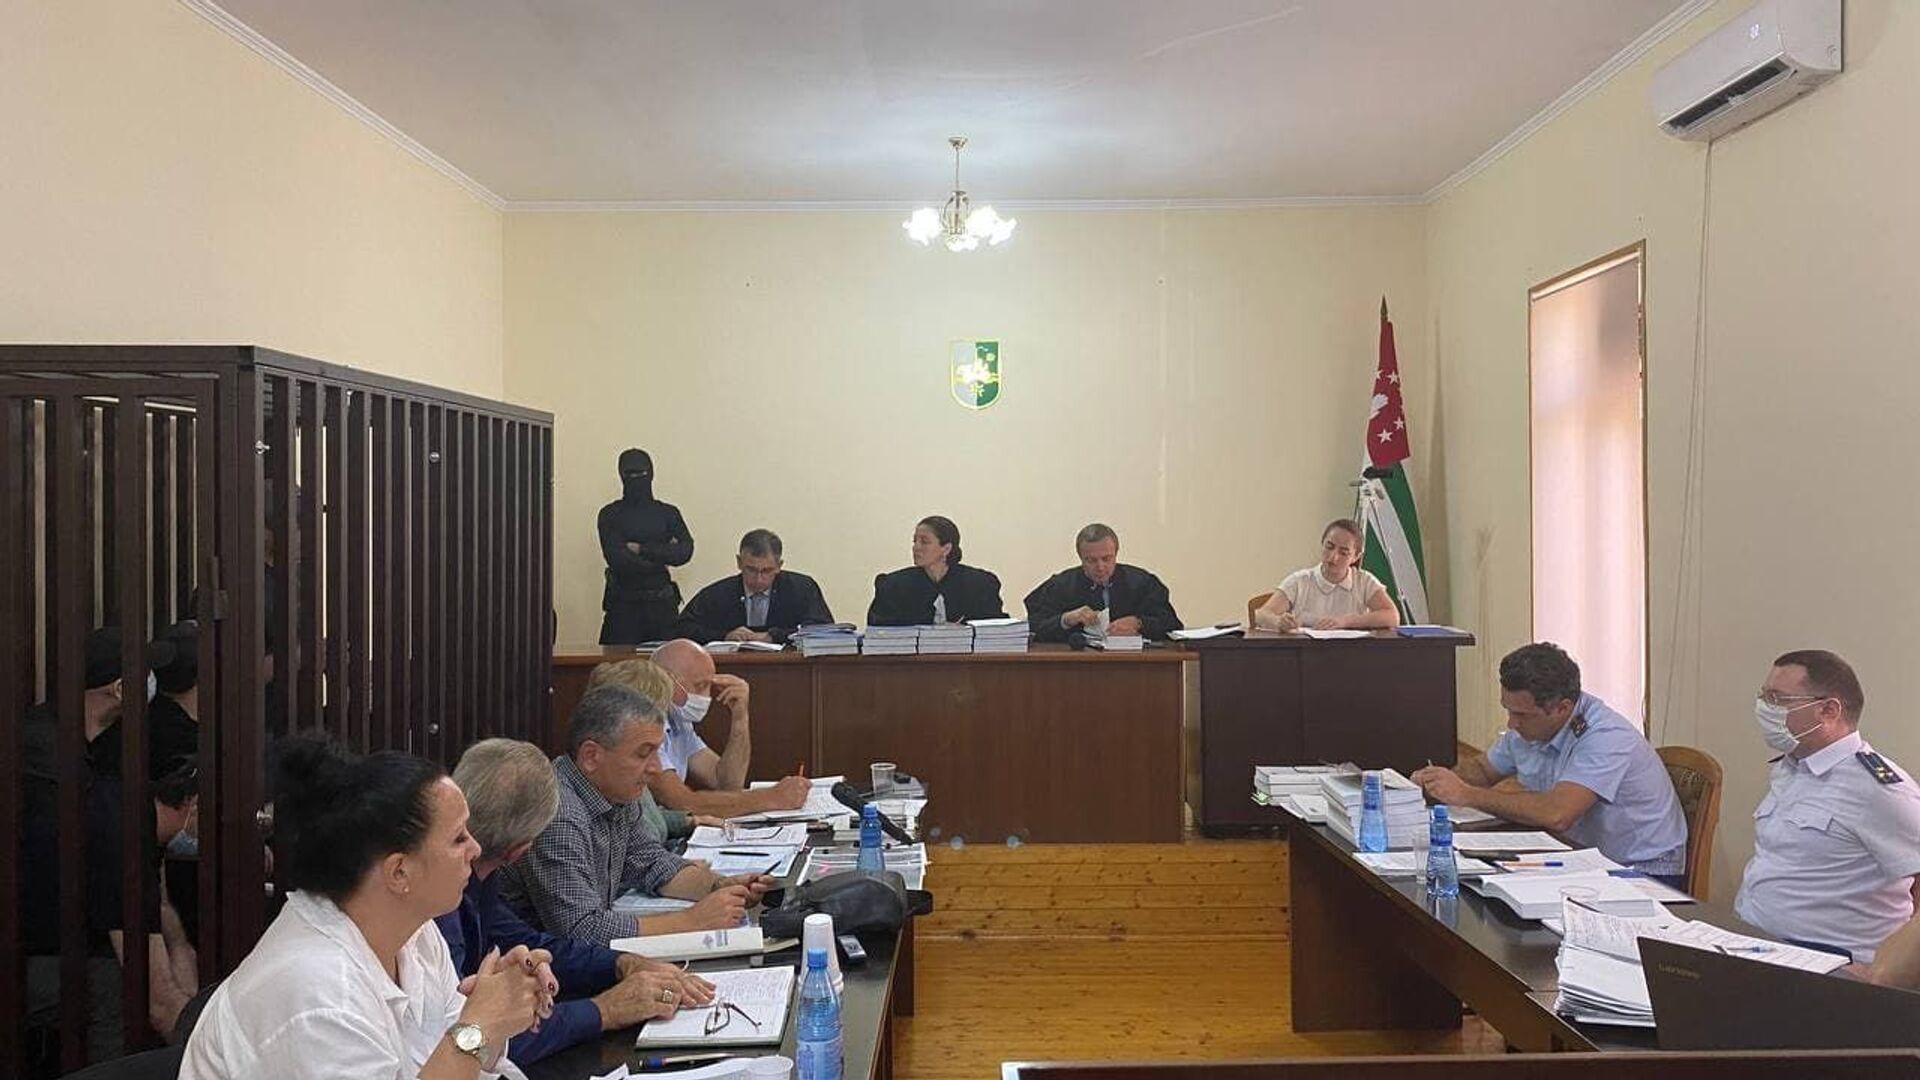 Суд по убийству на набережной  - Sputnik Абхазия, 1920, 14.09.2021